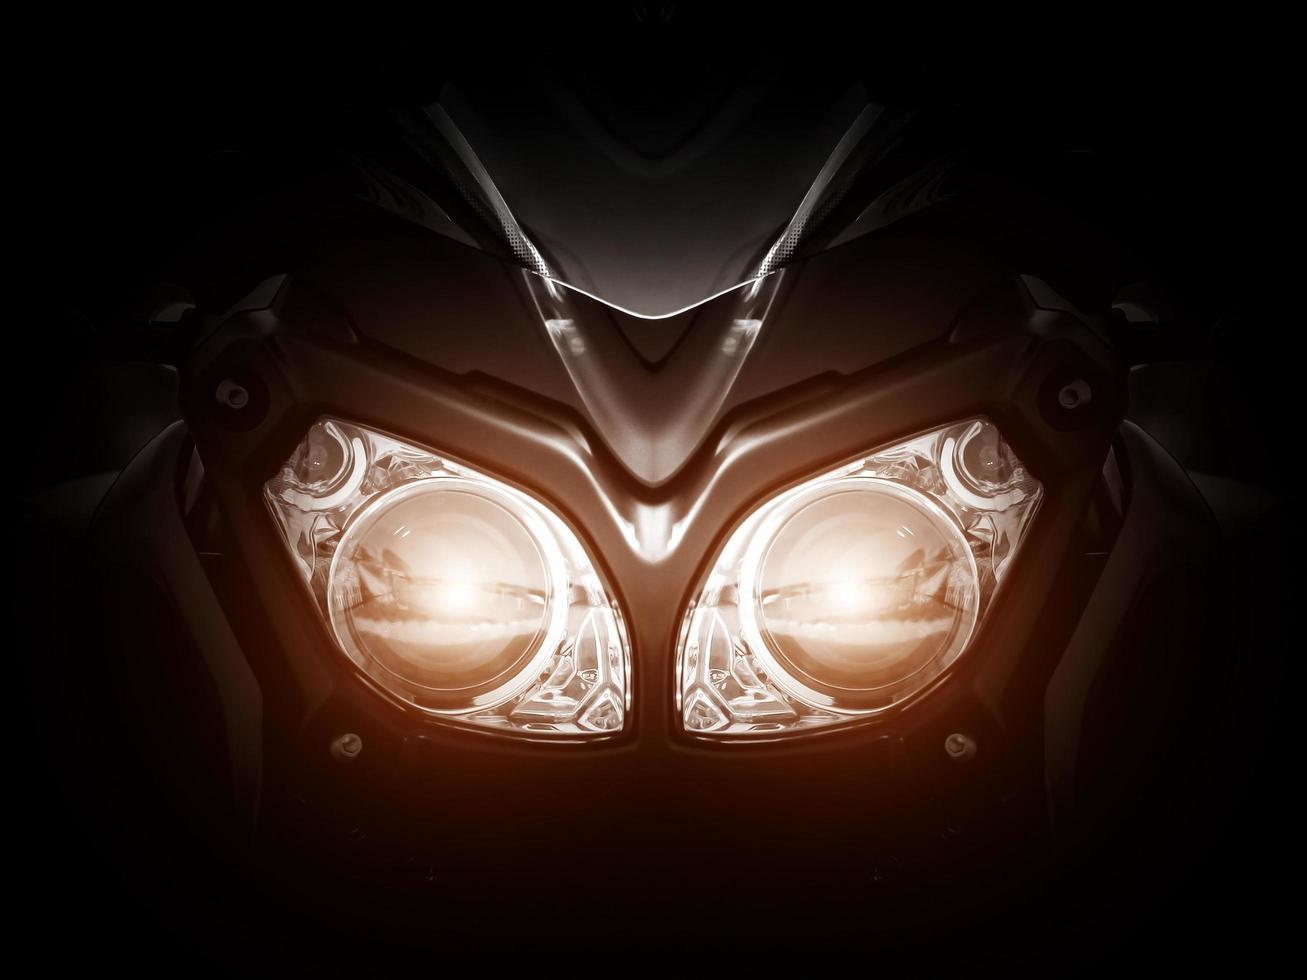 faro de motocicleta moderno con dos bombillas foto